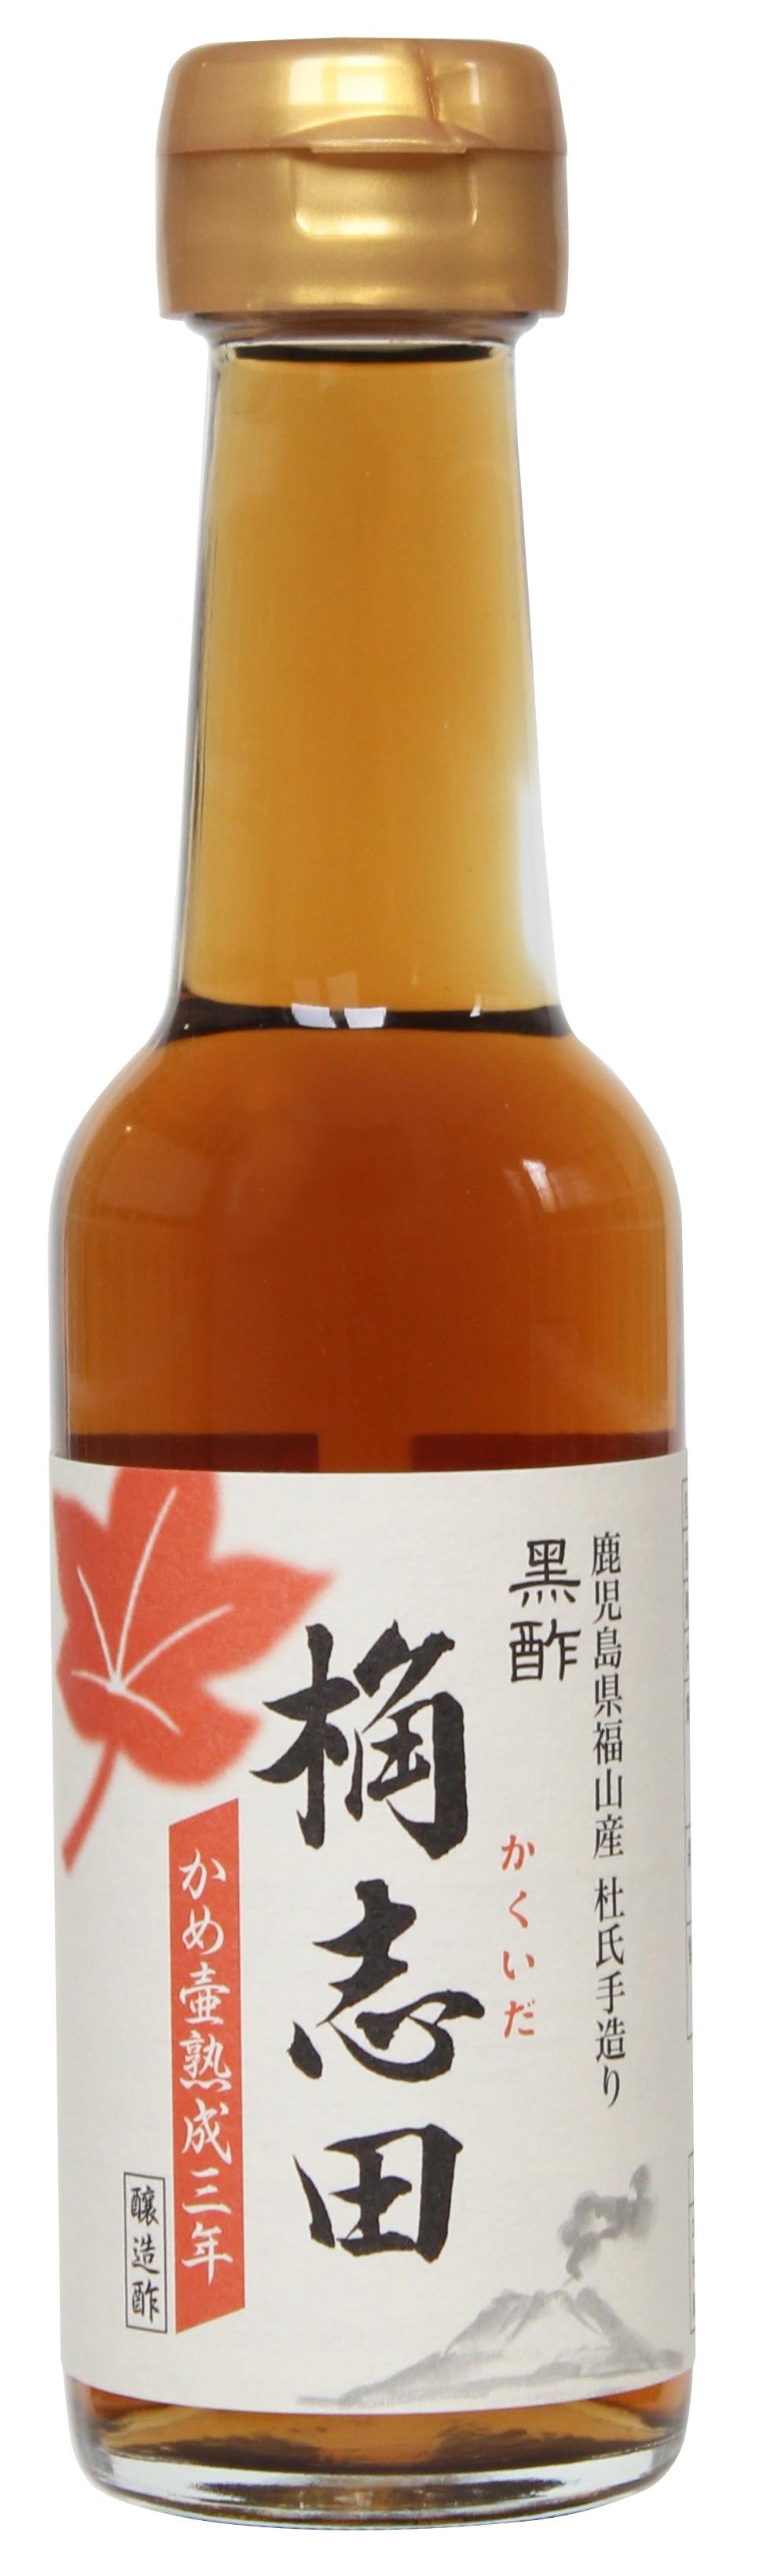 Kakuida 3 years rice vinegar